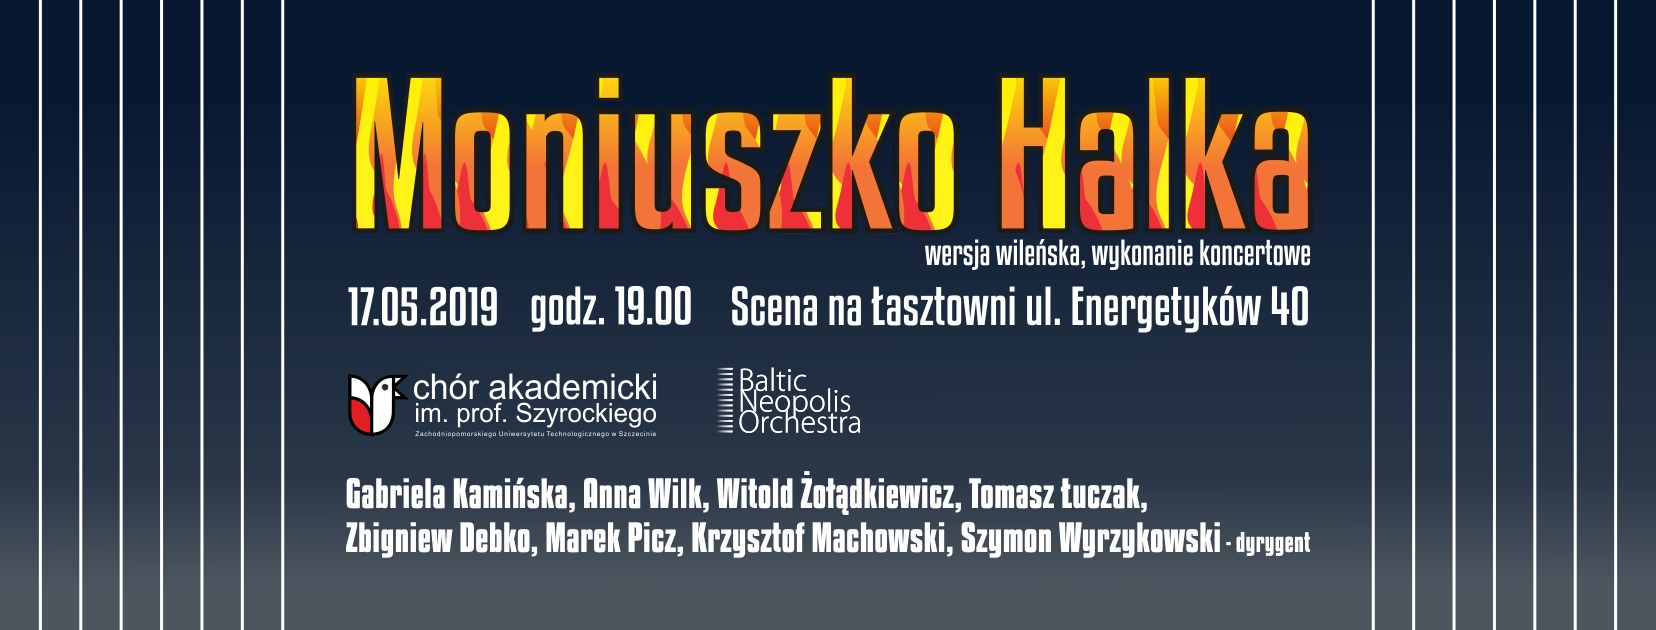 200-lecie urodzin Stanisława Moniuszki